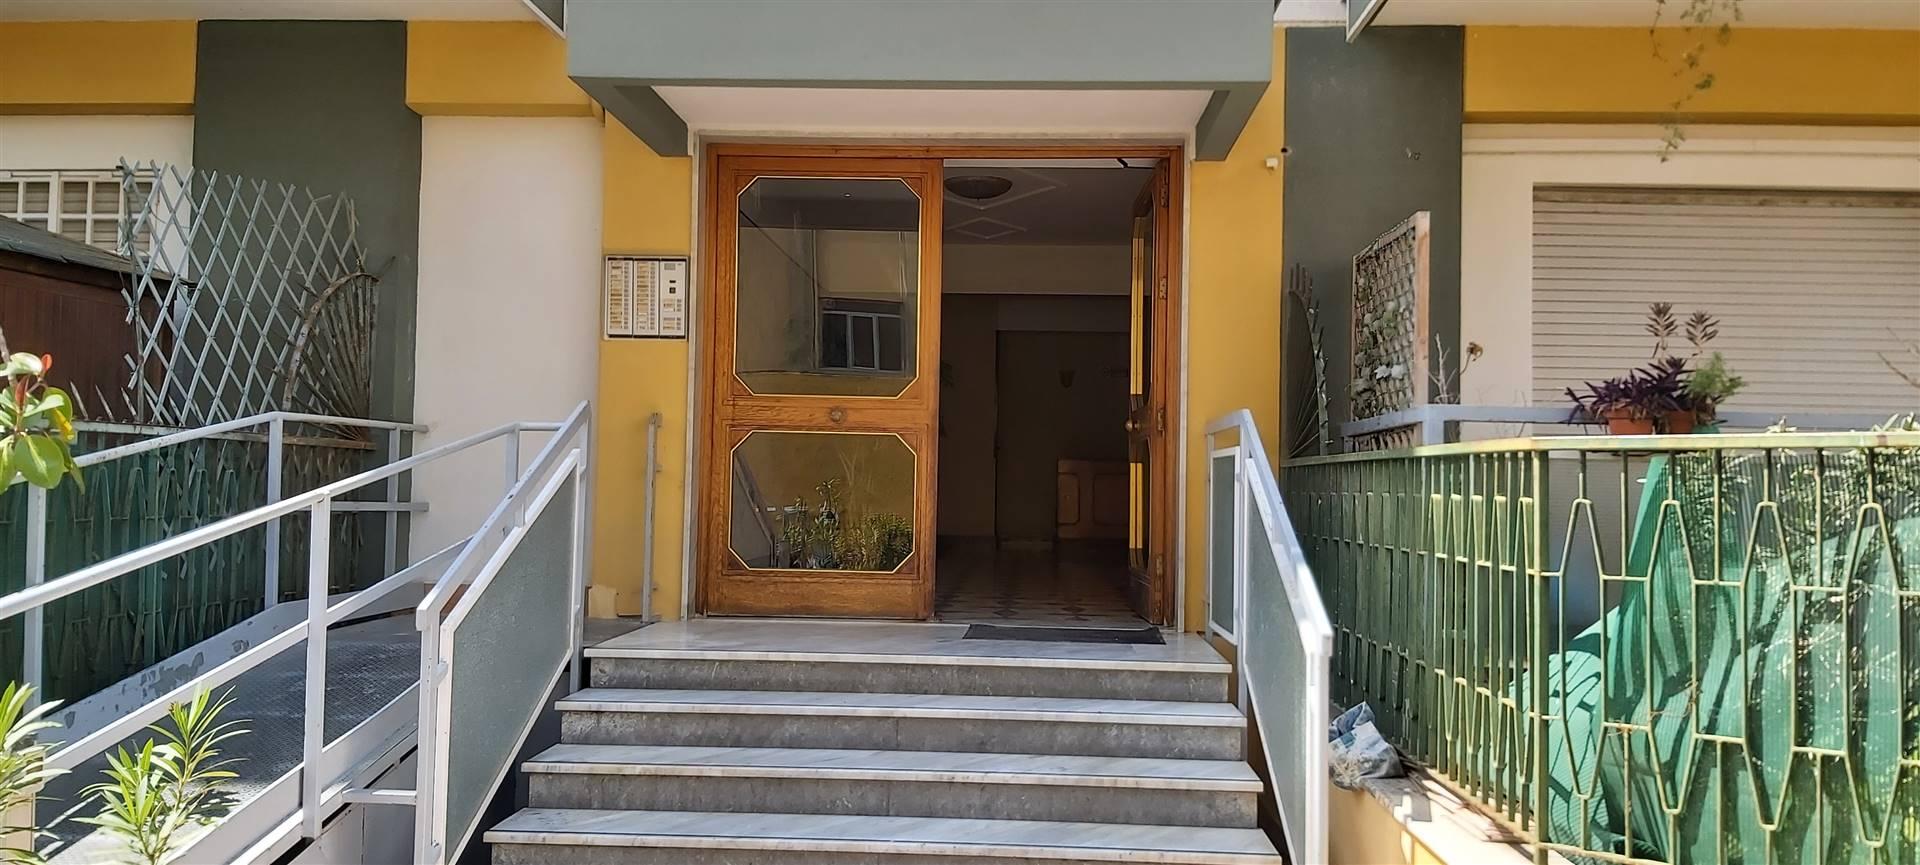 STRASBURGO, PALERMO, Appartamento in affitto di 118 Mq, Abitabile, Riscaldamento Autonomo, Classe energetica: G, Epi: 146,54 kwh/m2 anno, posto al